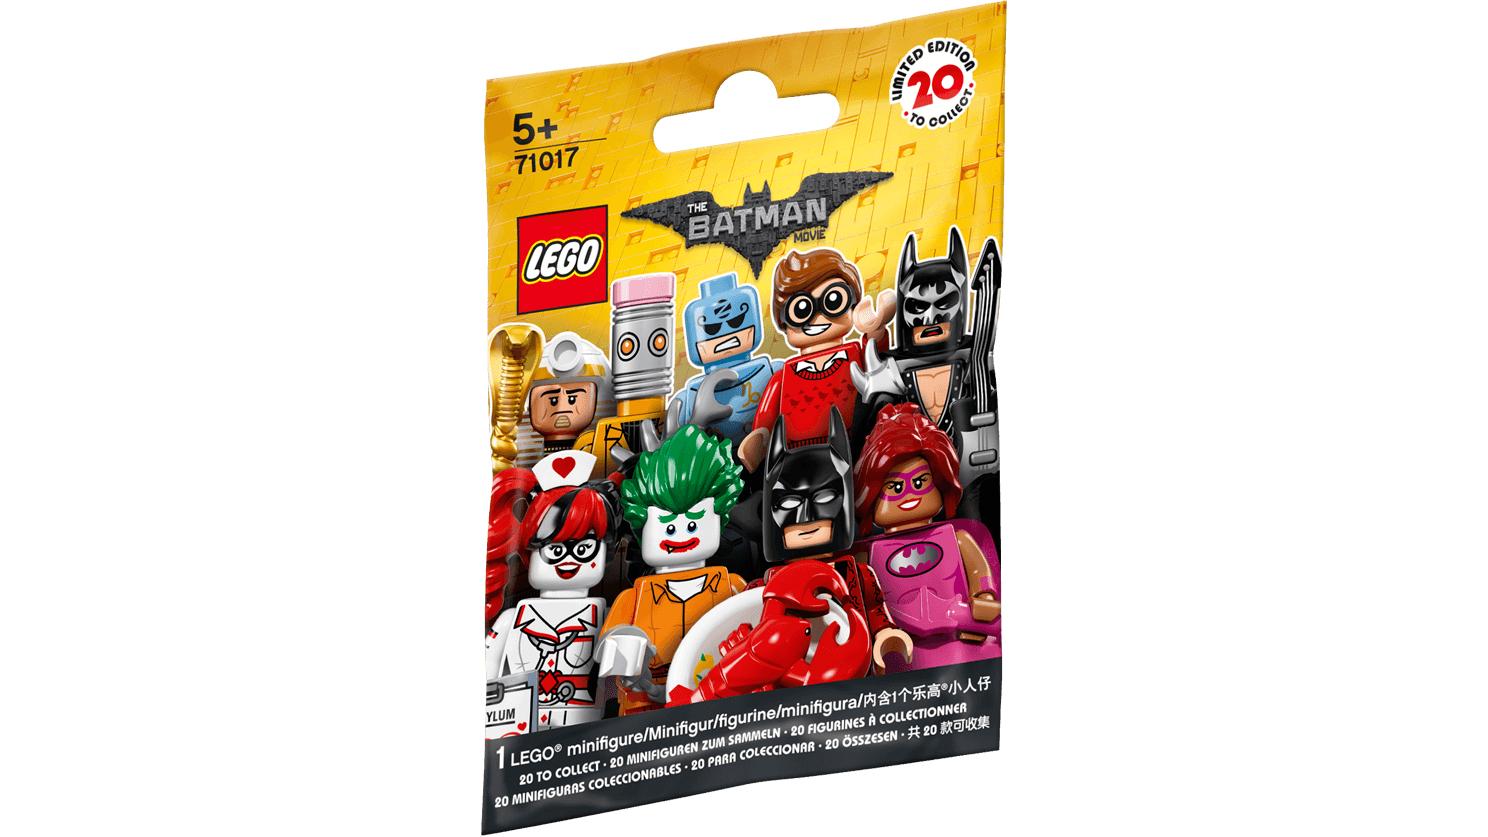 AMAZON PANTRY BOX FÜR 30€ bestellen und GRATIS LEGO Batman Movie Figur + Lindt Valentinstag-Schokolade bekommen